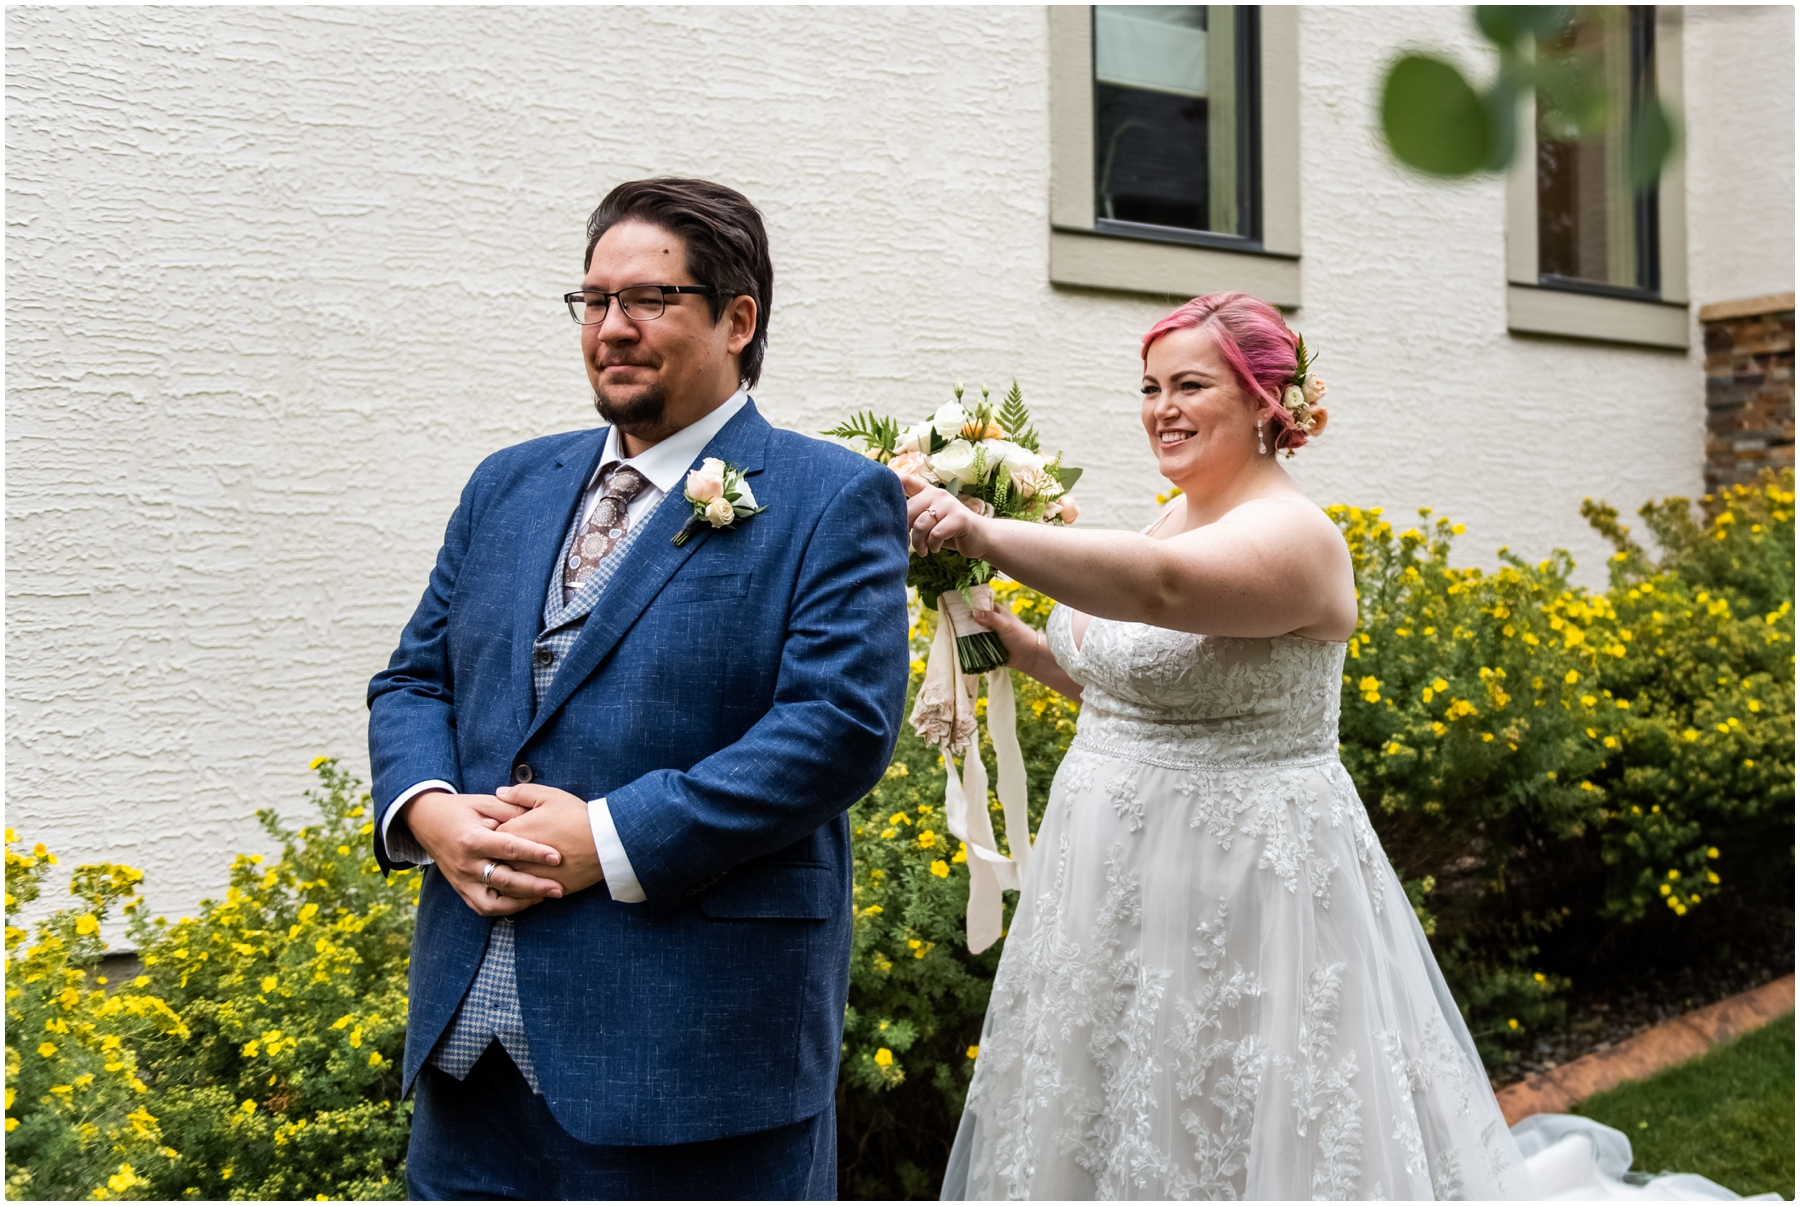 Calgary Alberta Intimate Wedding Photos